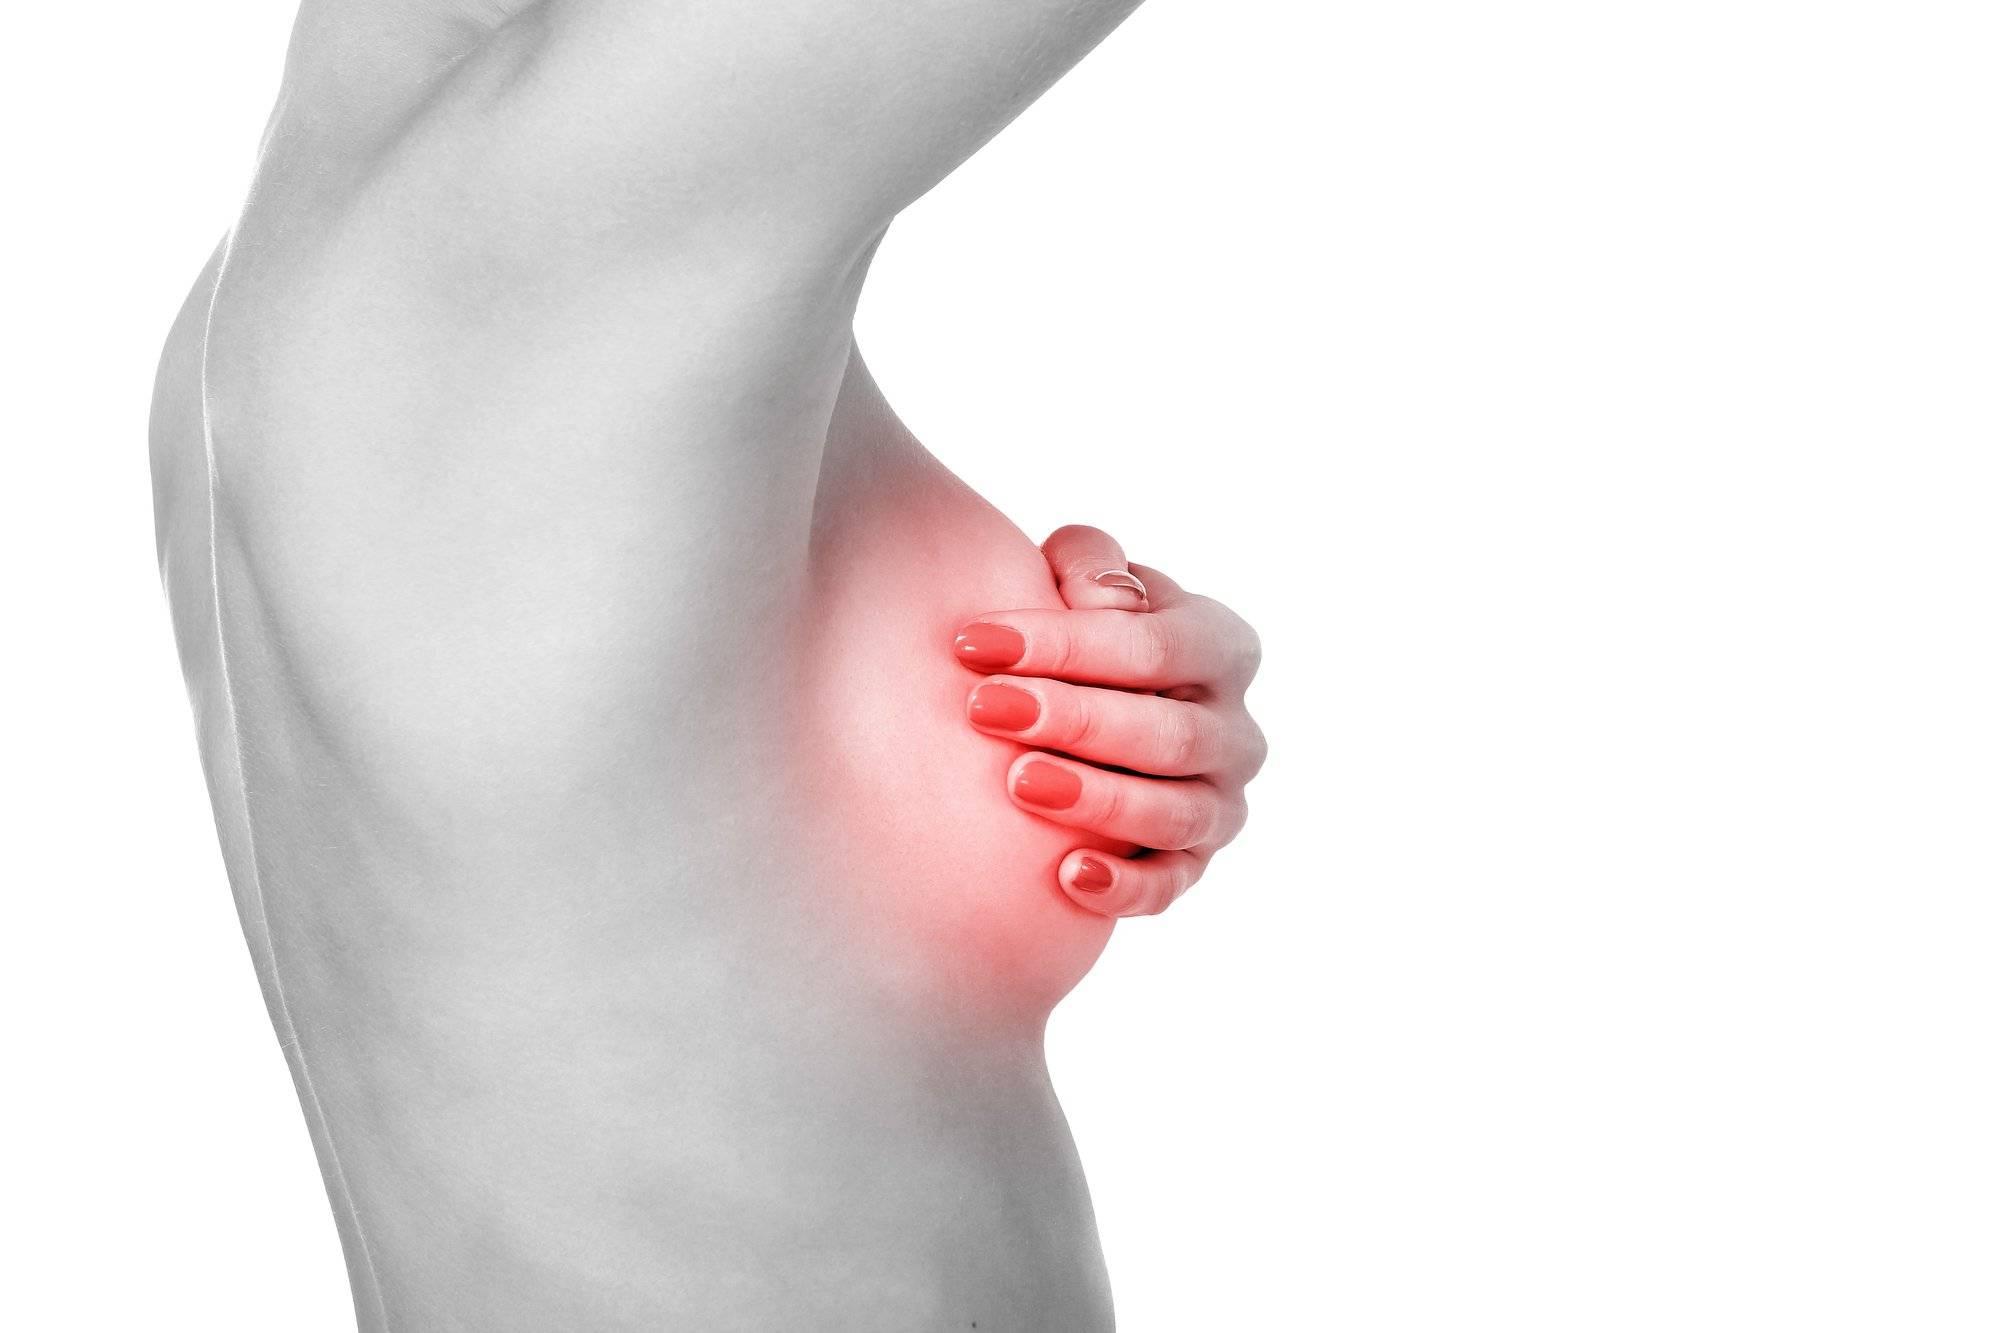 болезненные ощущения в молочных железах